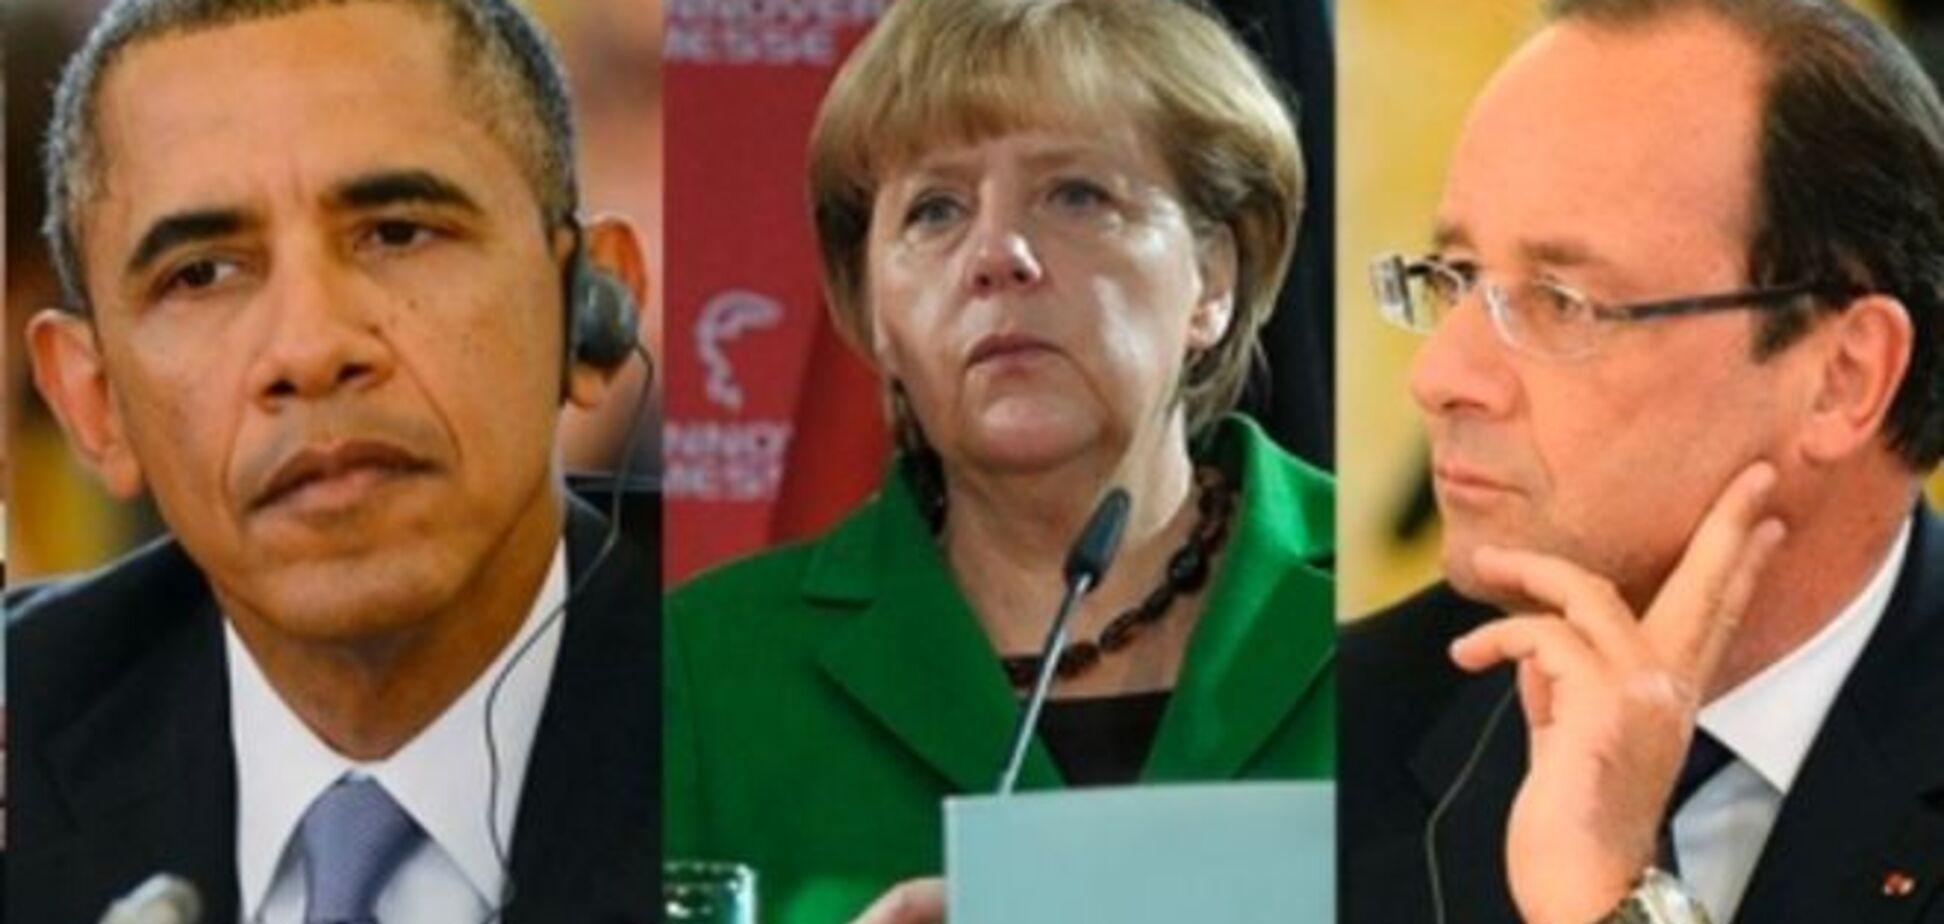 Обама, Меркель, Олланд и Кэмерон провели видеоконференцию по Украине